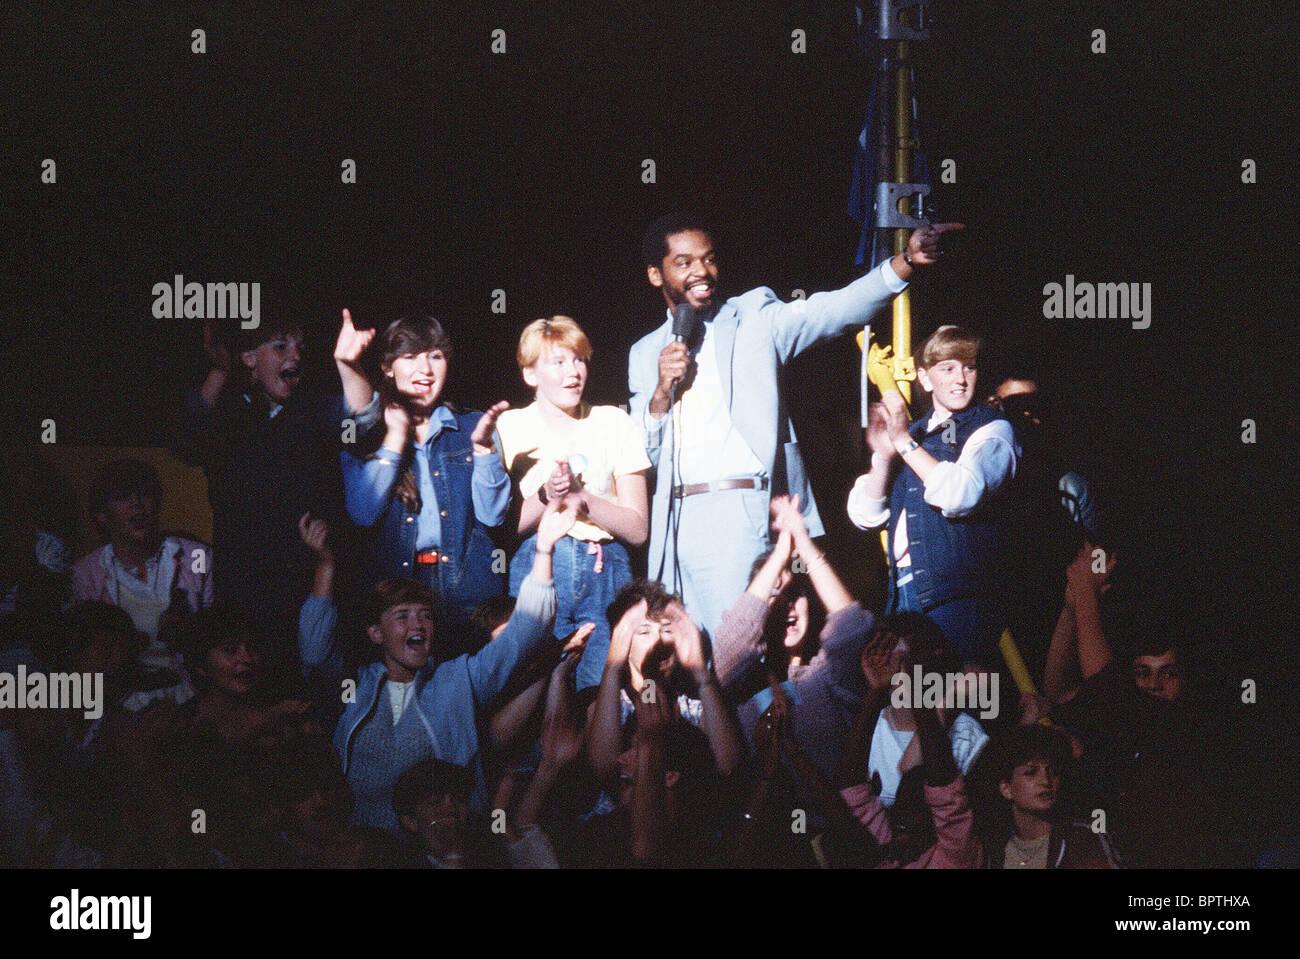 GARY BYRD SINGER (1984) Stockbild